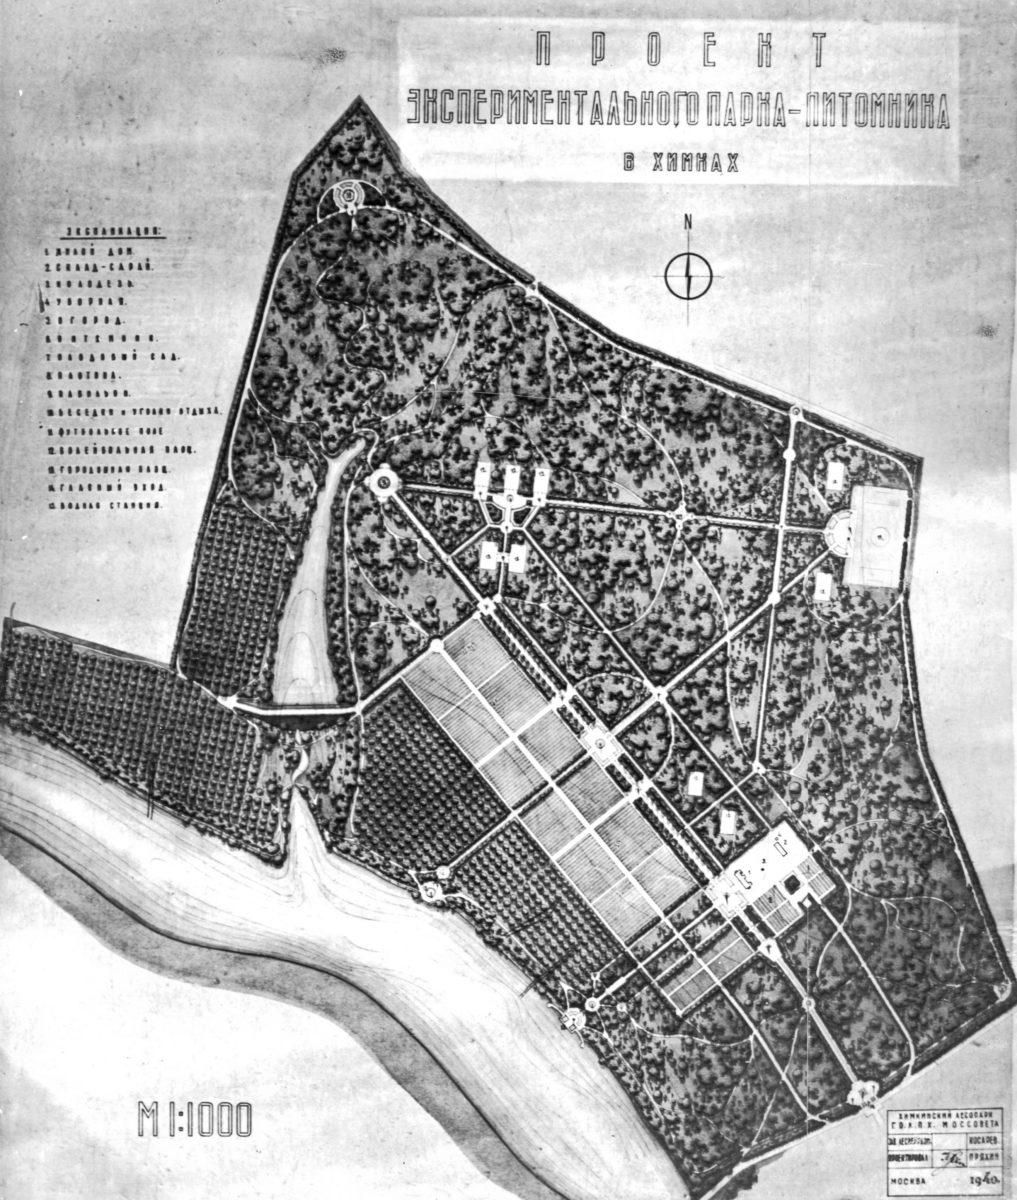 План экспериментального парка-питомника в Химках (Порозов, 1940 год) (ГАРФ Ф. А404. Оп. 2. Д. 69. Л.42а)